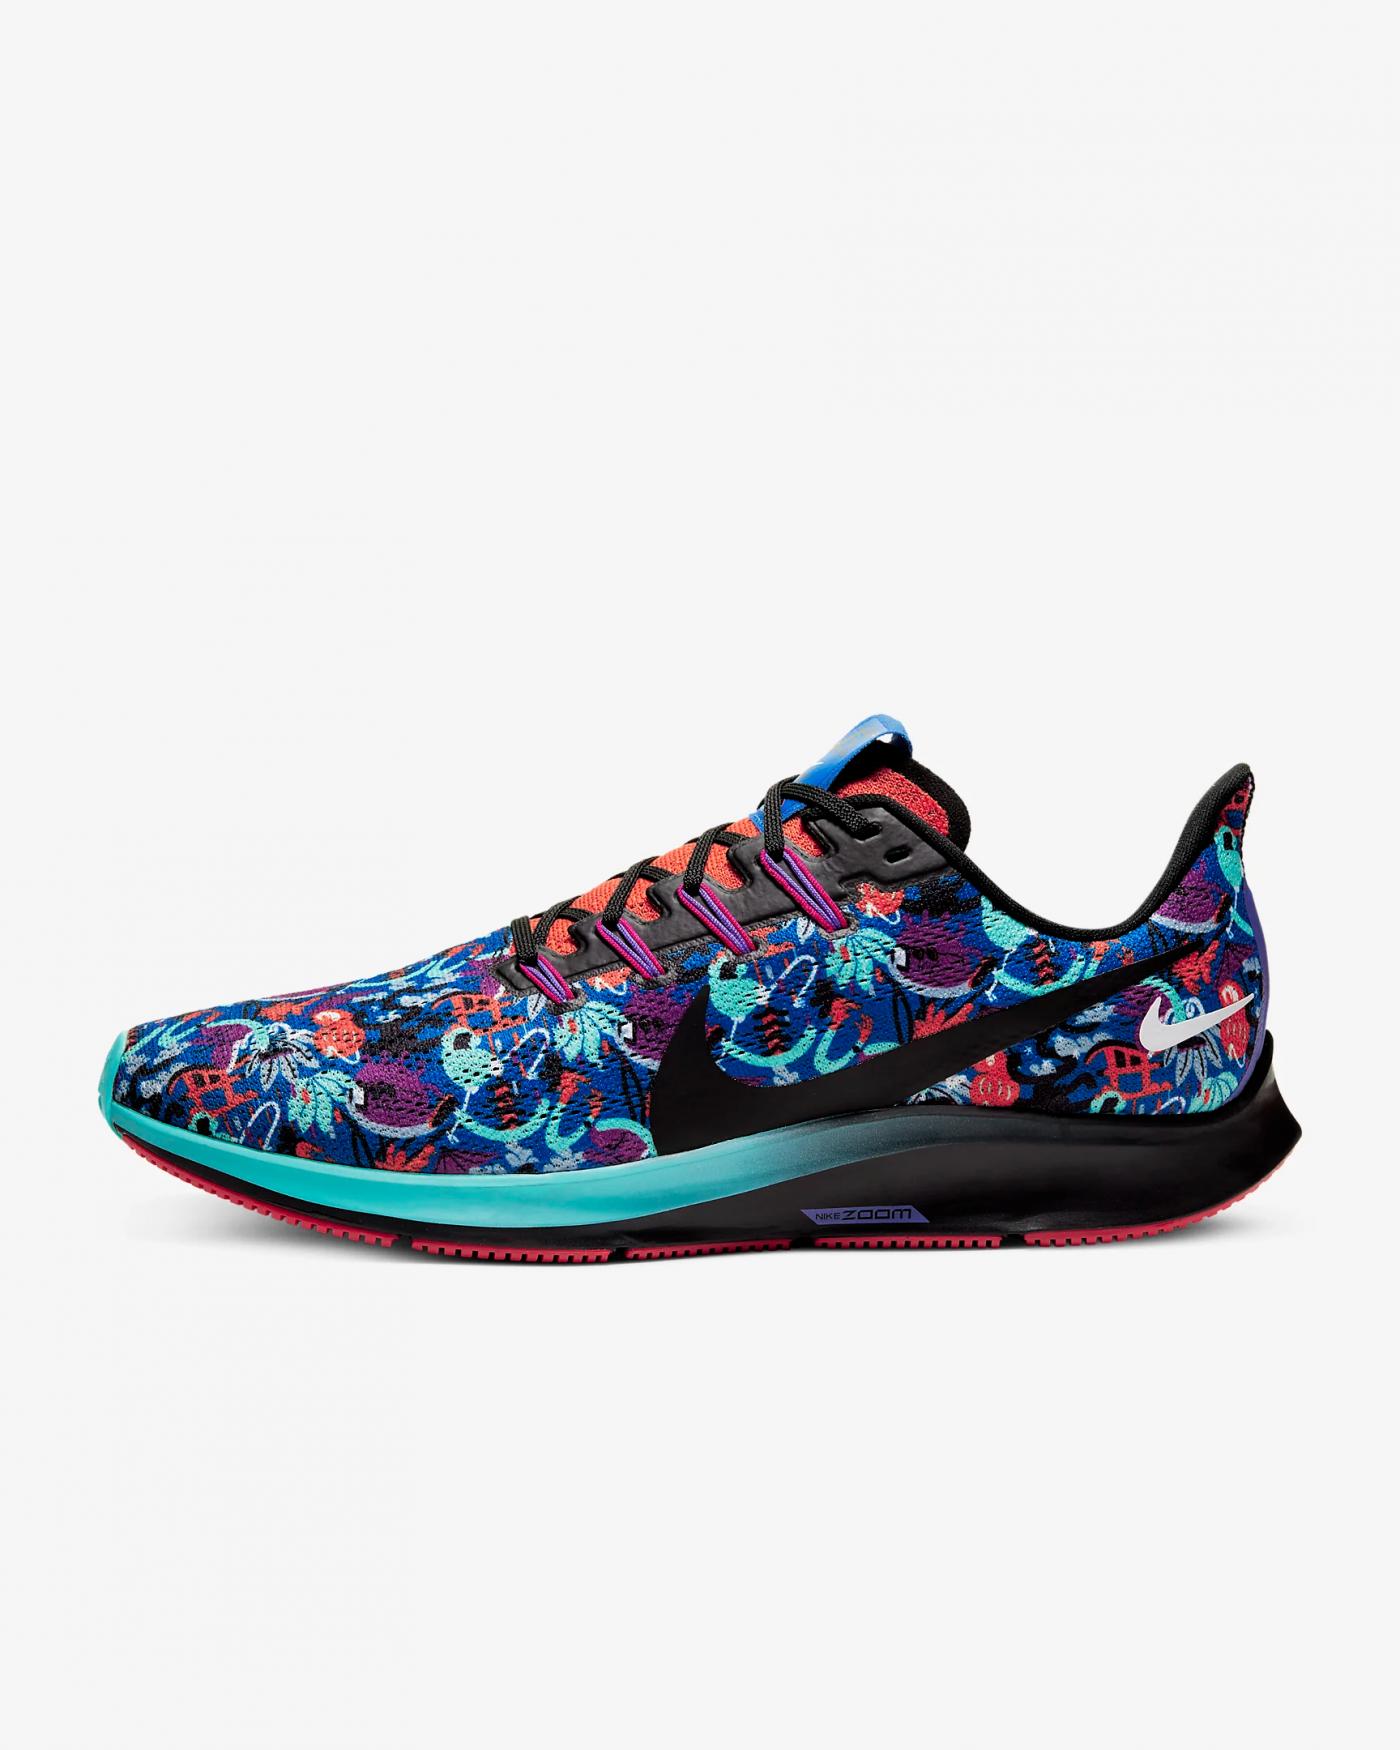 Nike_Pegasus_36_Tokyo_Pack_Runpack_1